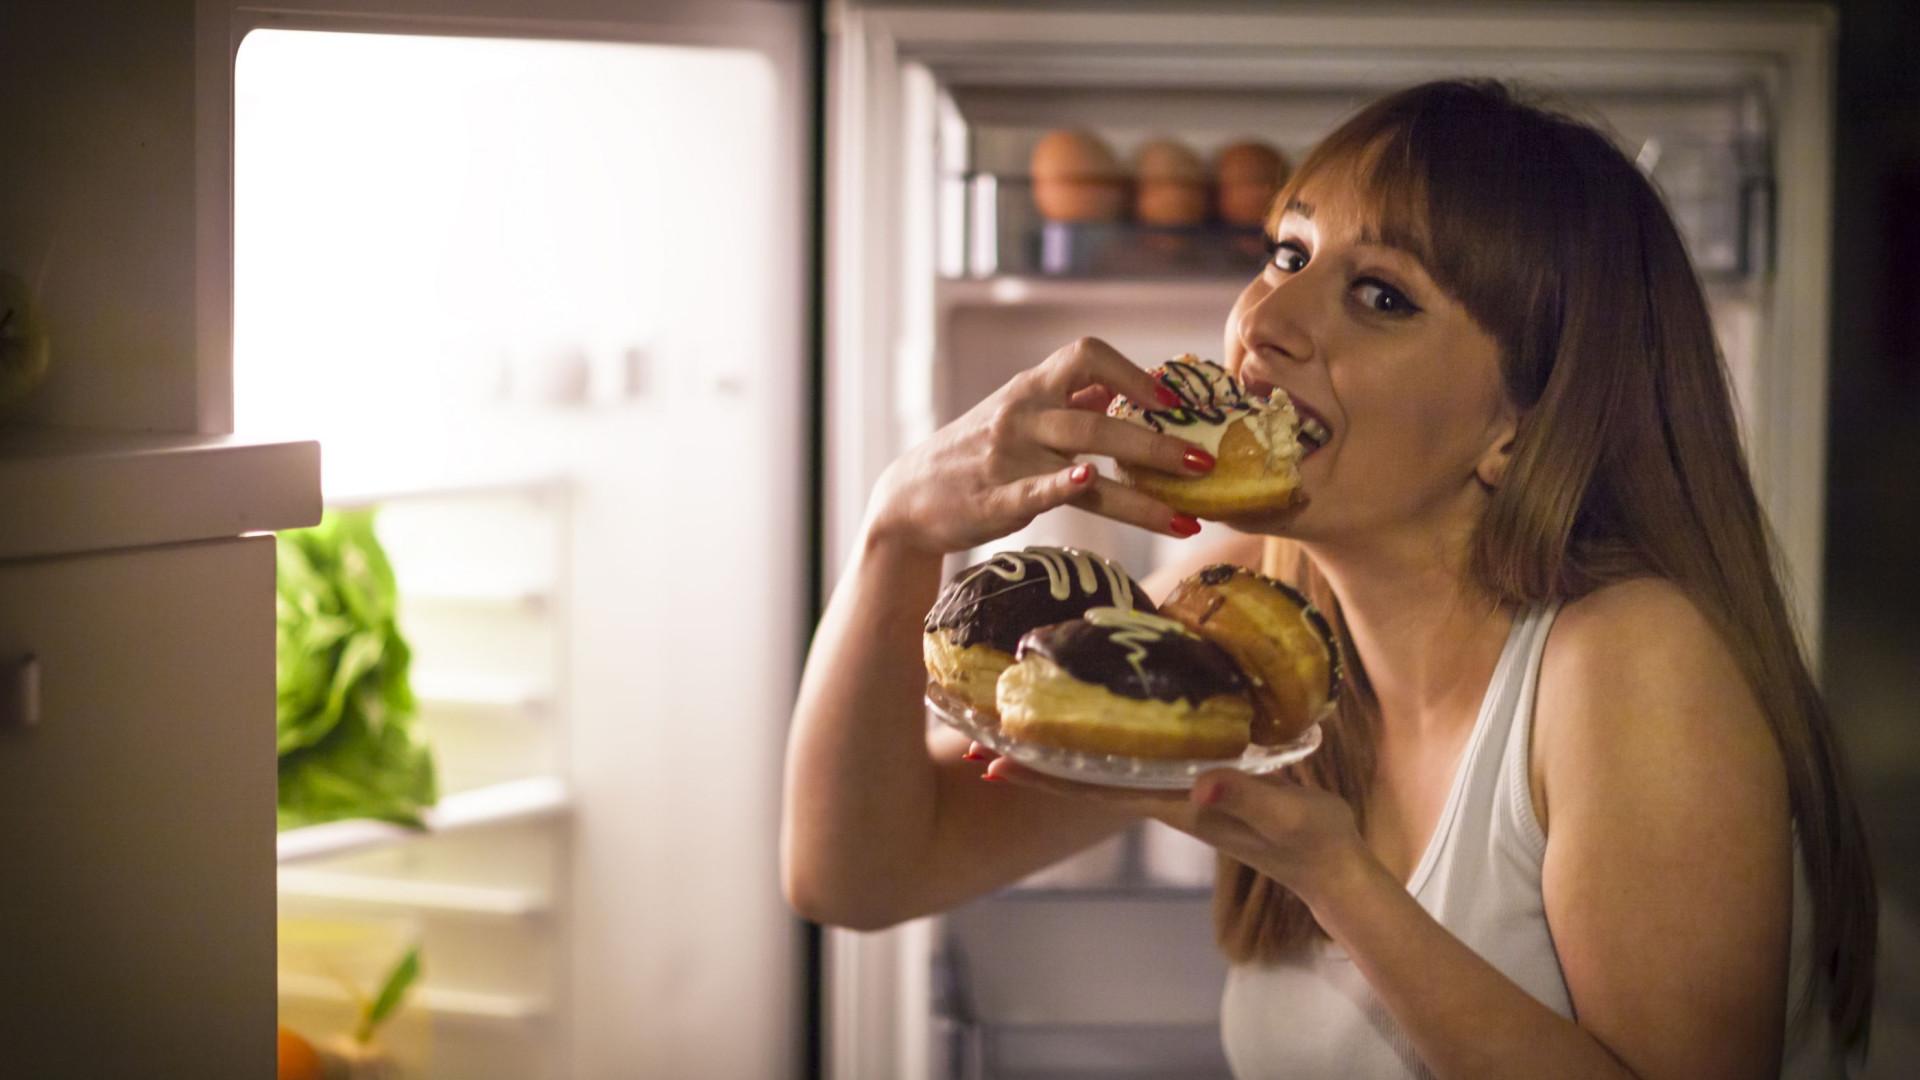 Desejos de comida podem refletir a falta de aminoácidos